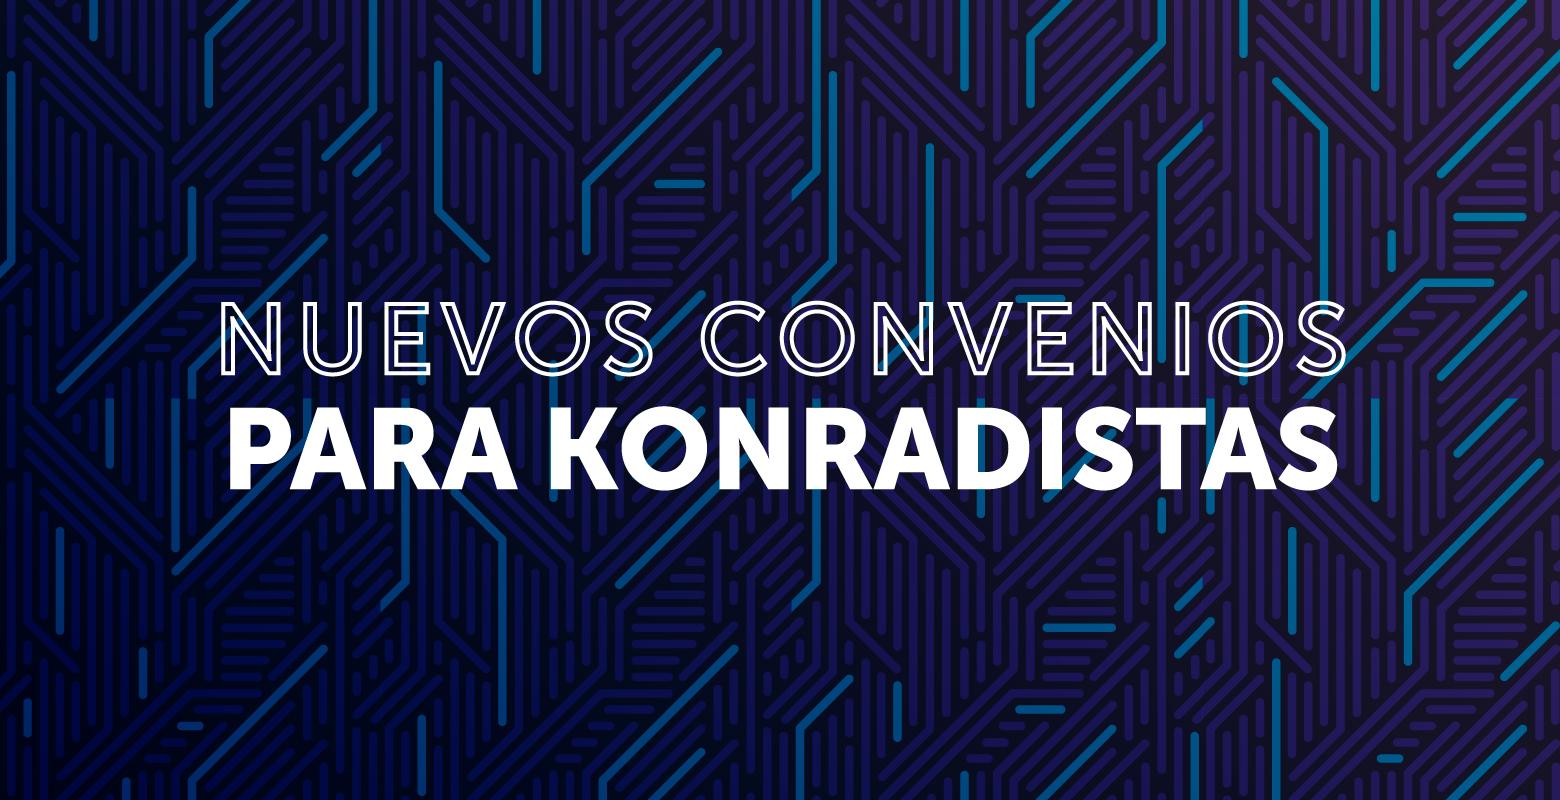 Nuevos convenios para konradistas